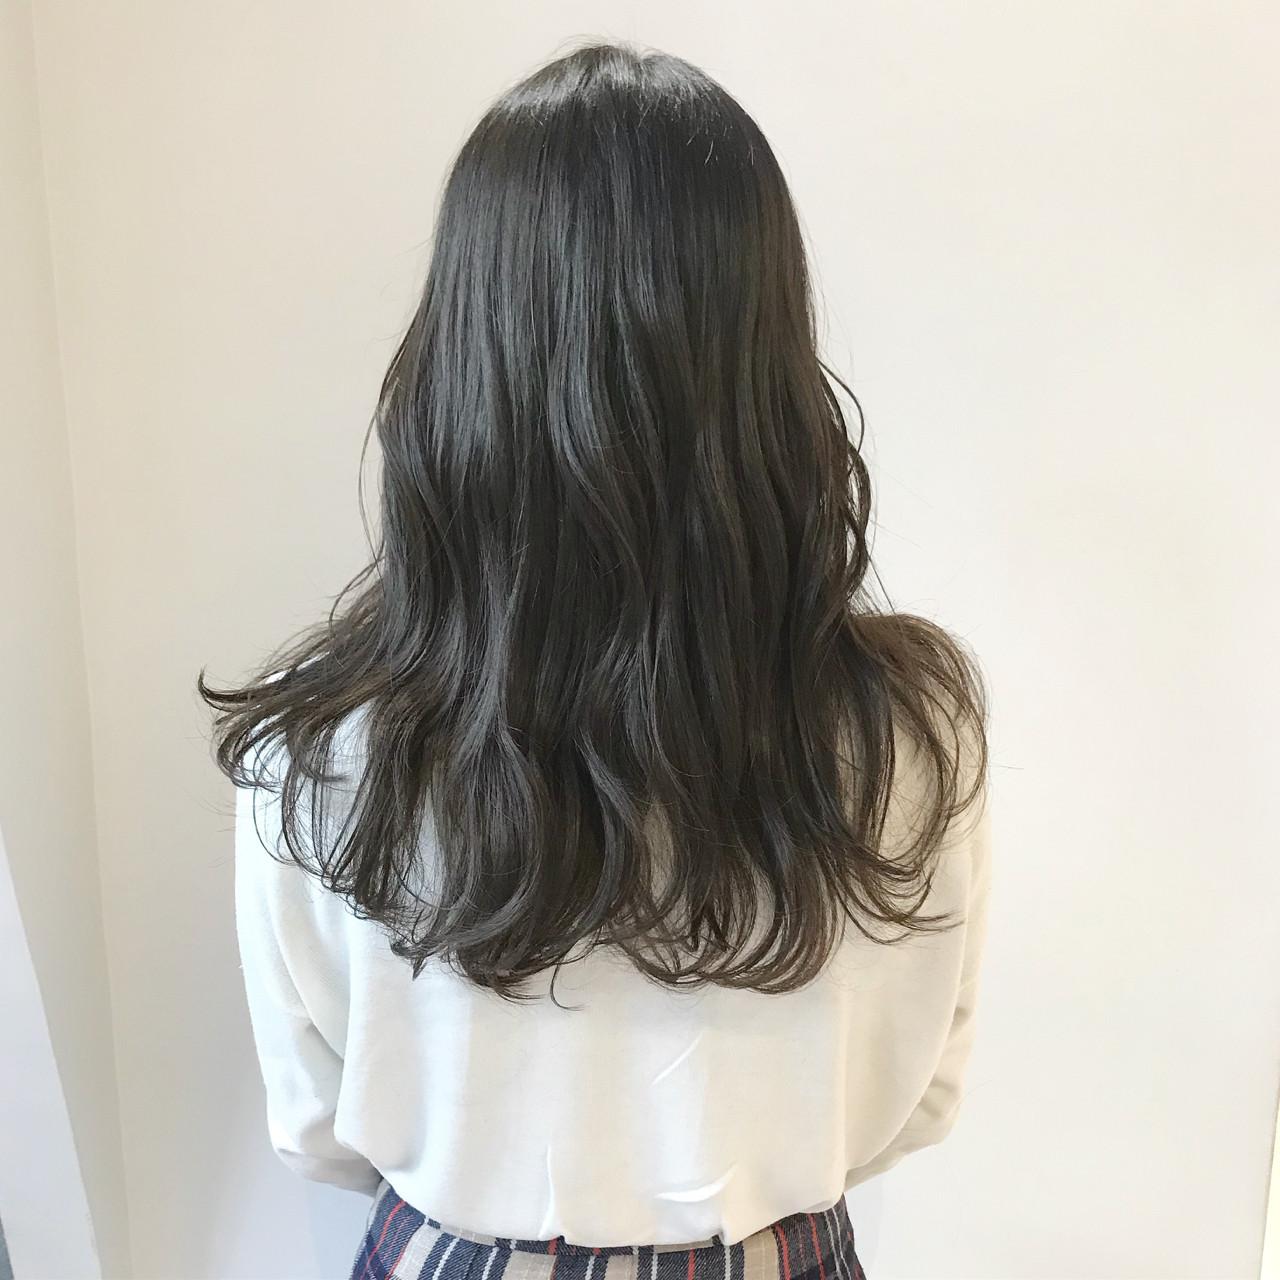 ナチュラル 暗髪 ブルーアッシュ ロング ヘアスタイルや髪型の写真・画像